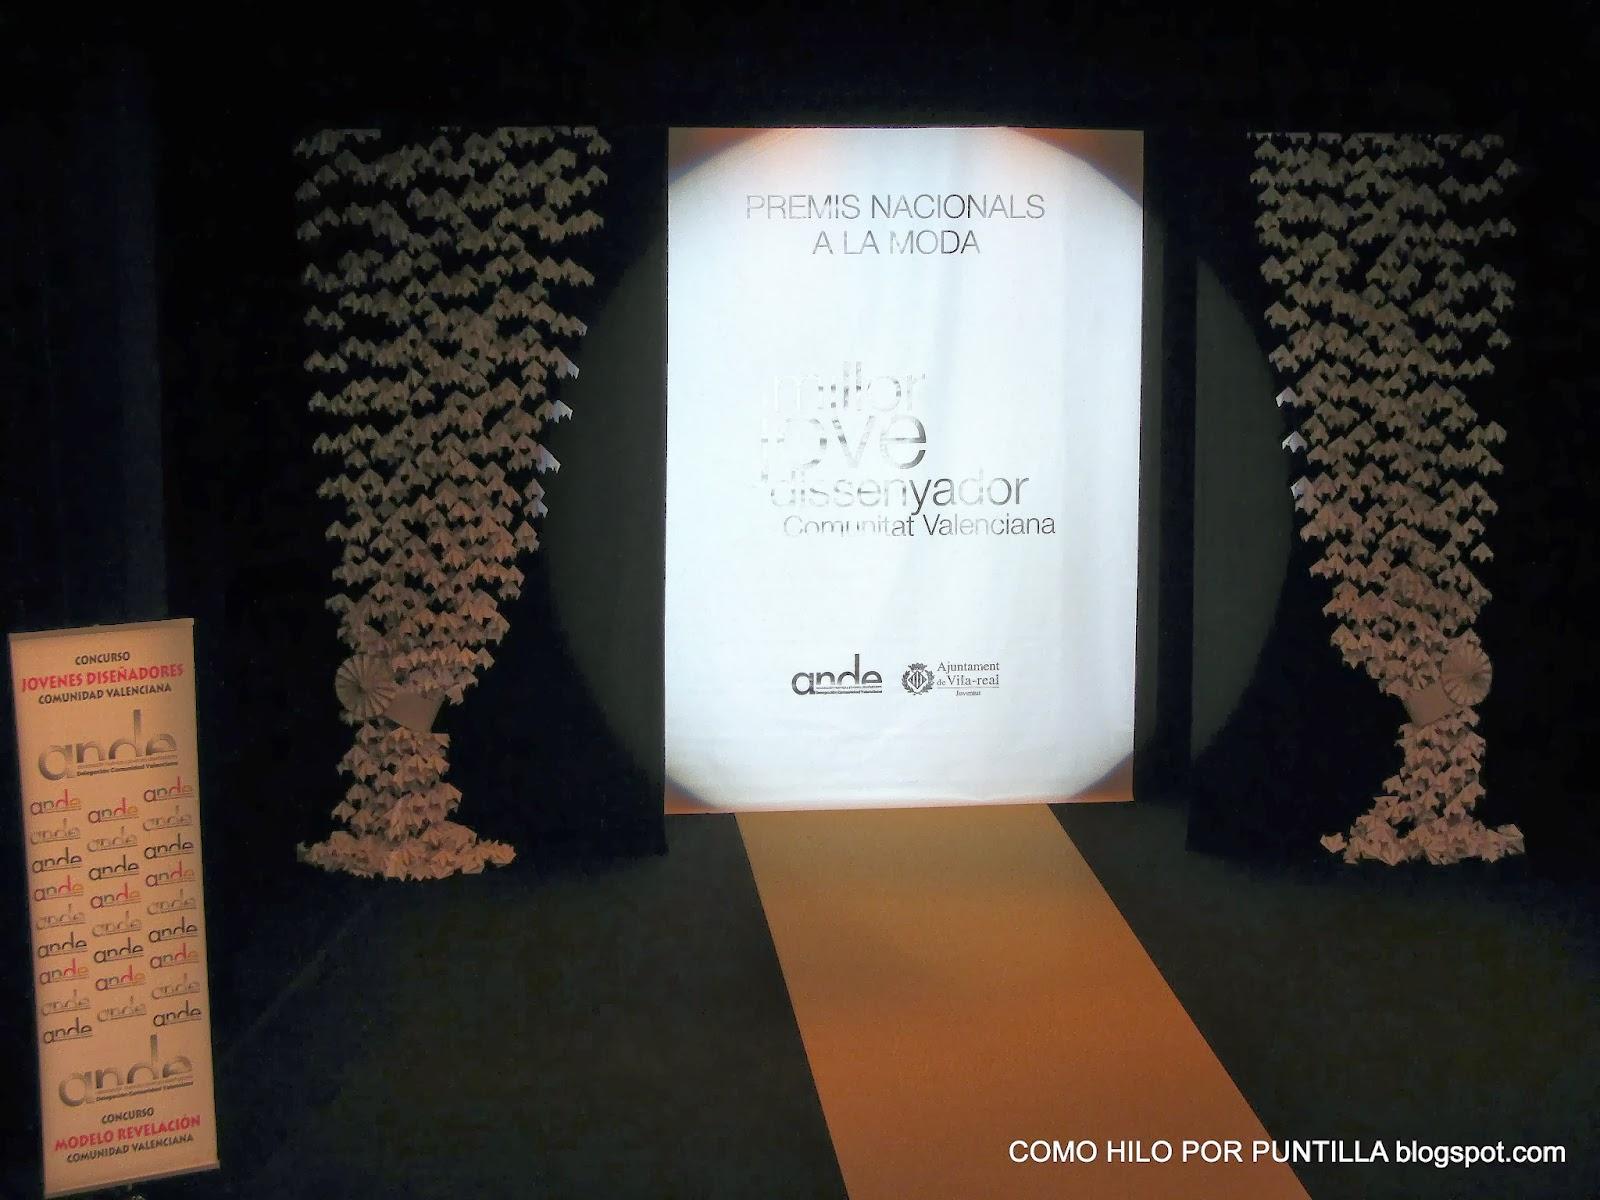 Premis-nacionals-a-la-moda-2014